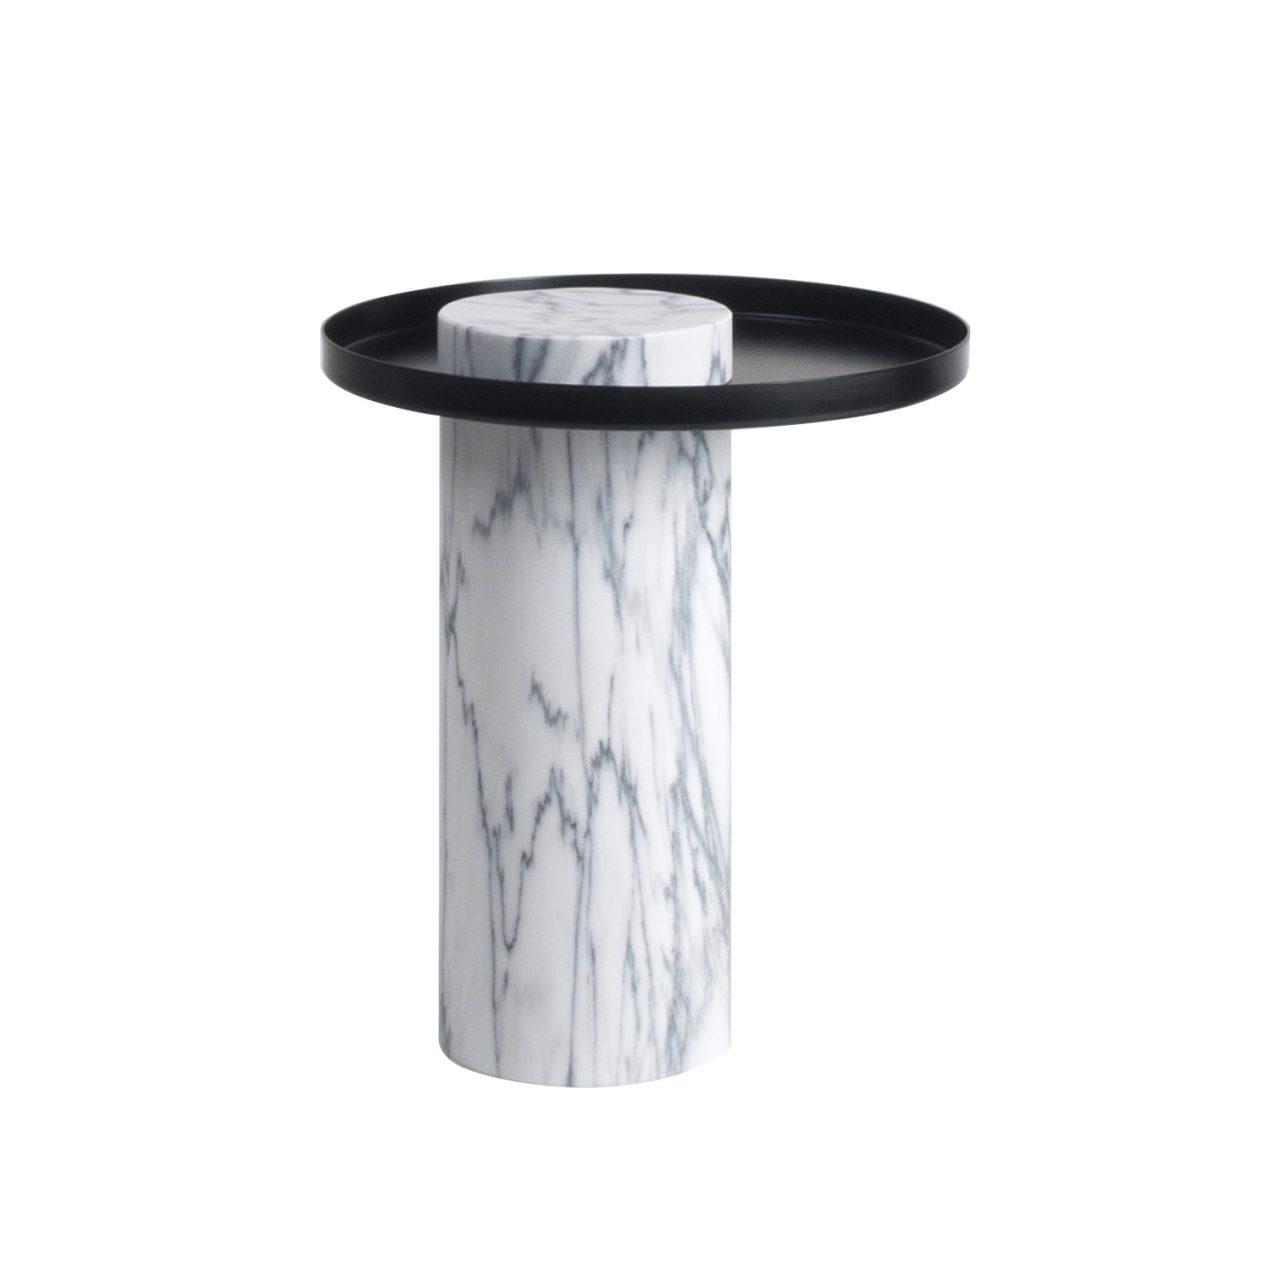 Table - table de chevet- table d'appoint. Fabrication française.